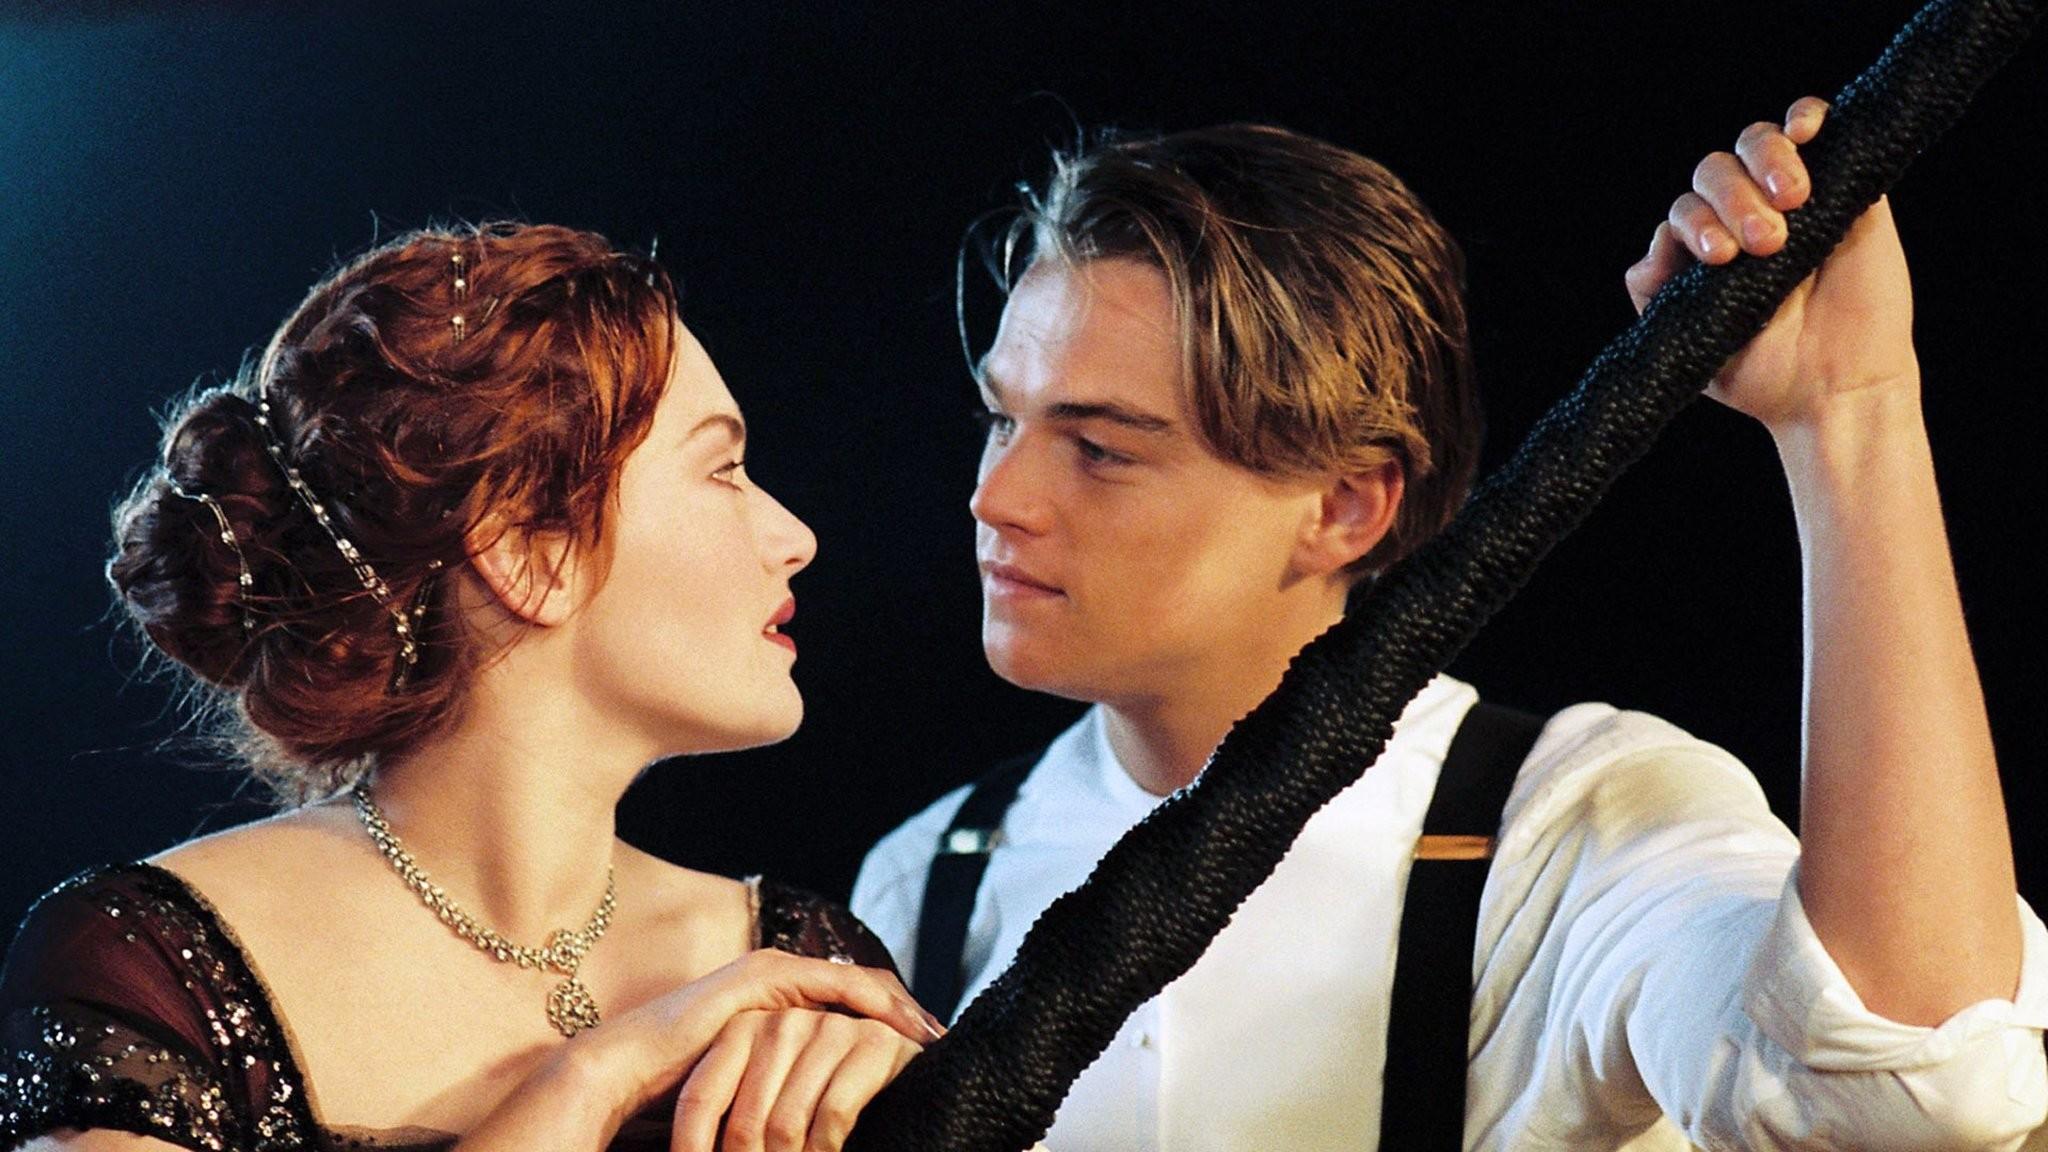 kate-winslet-and-leonardo-in-titanic-movie-wallpaper.